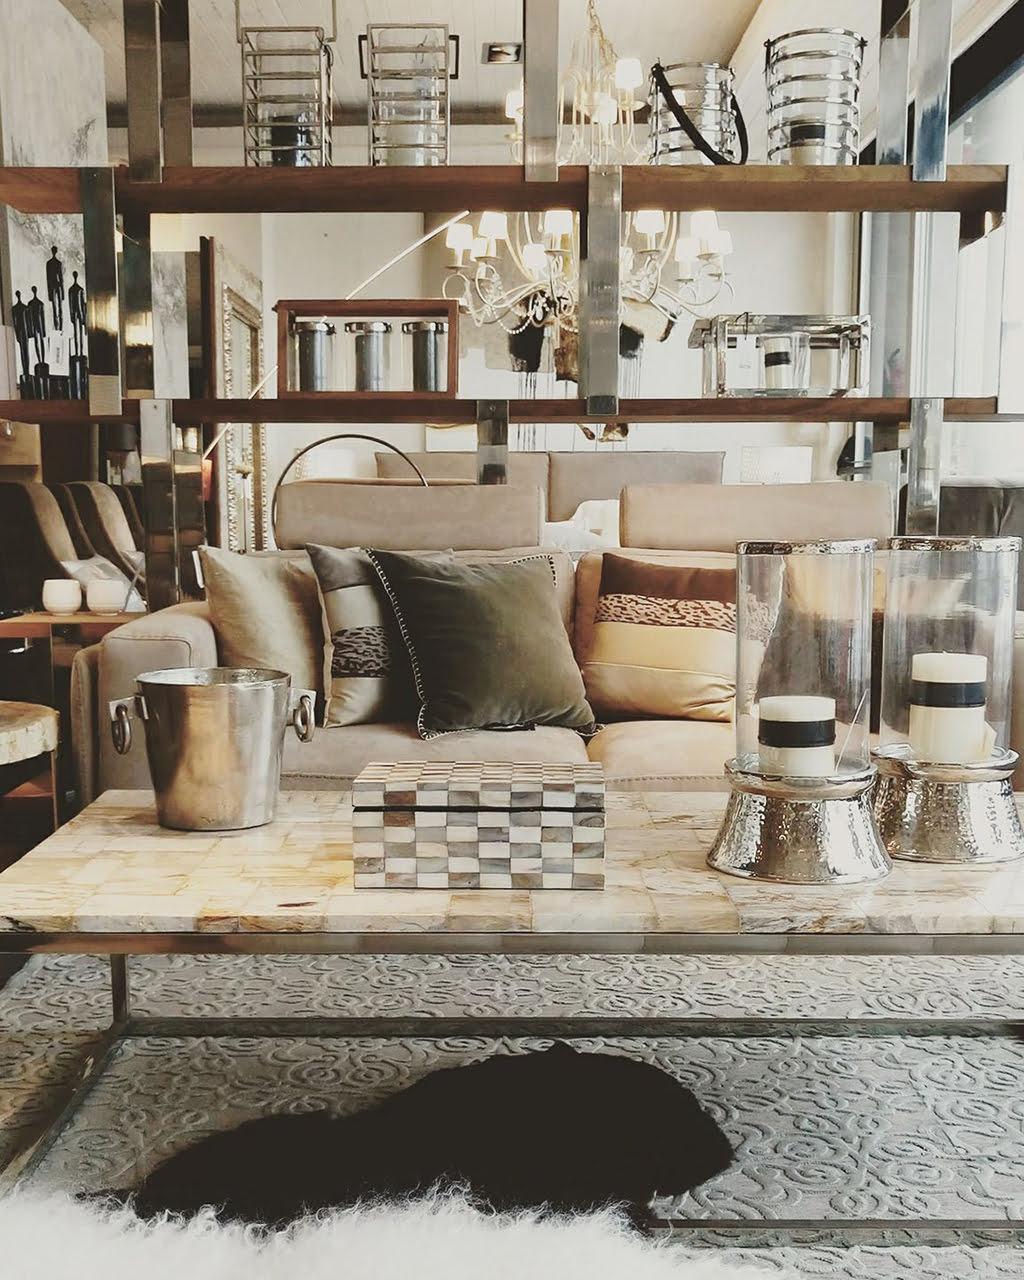 profitez de la promotion de la d coration studio et d corer votre maison au meilleur prix. Black Bedroom Furniture Sets. Home Design Ideas